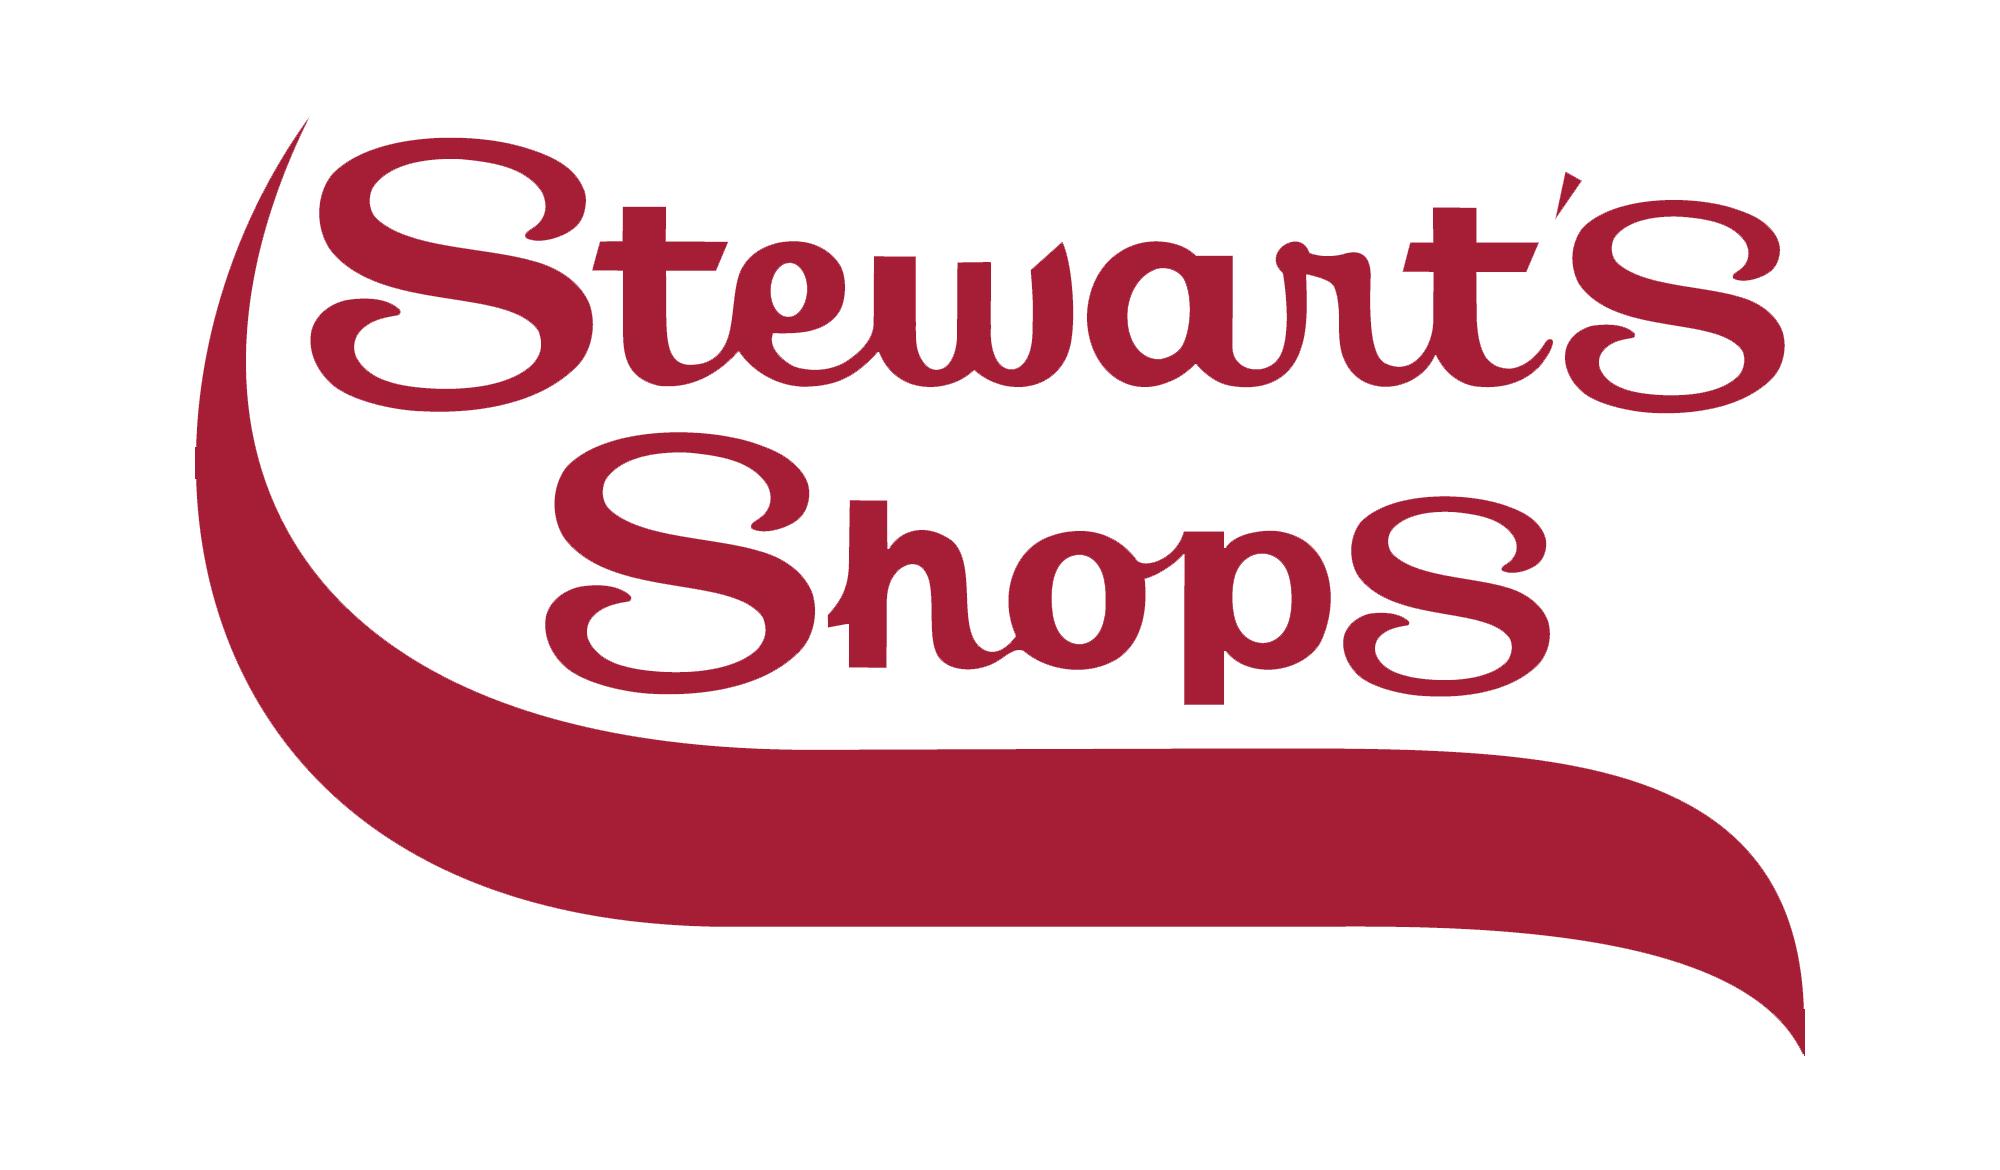 StewartsShops_Logo_Burgundy_WhiteB.png